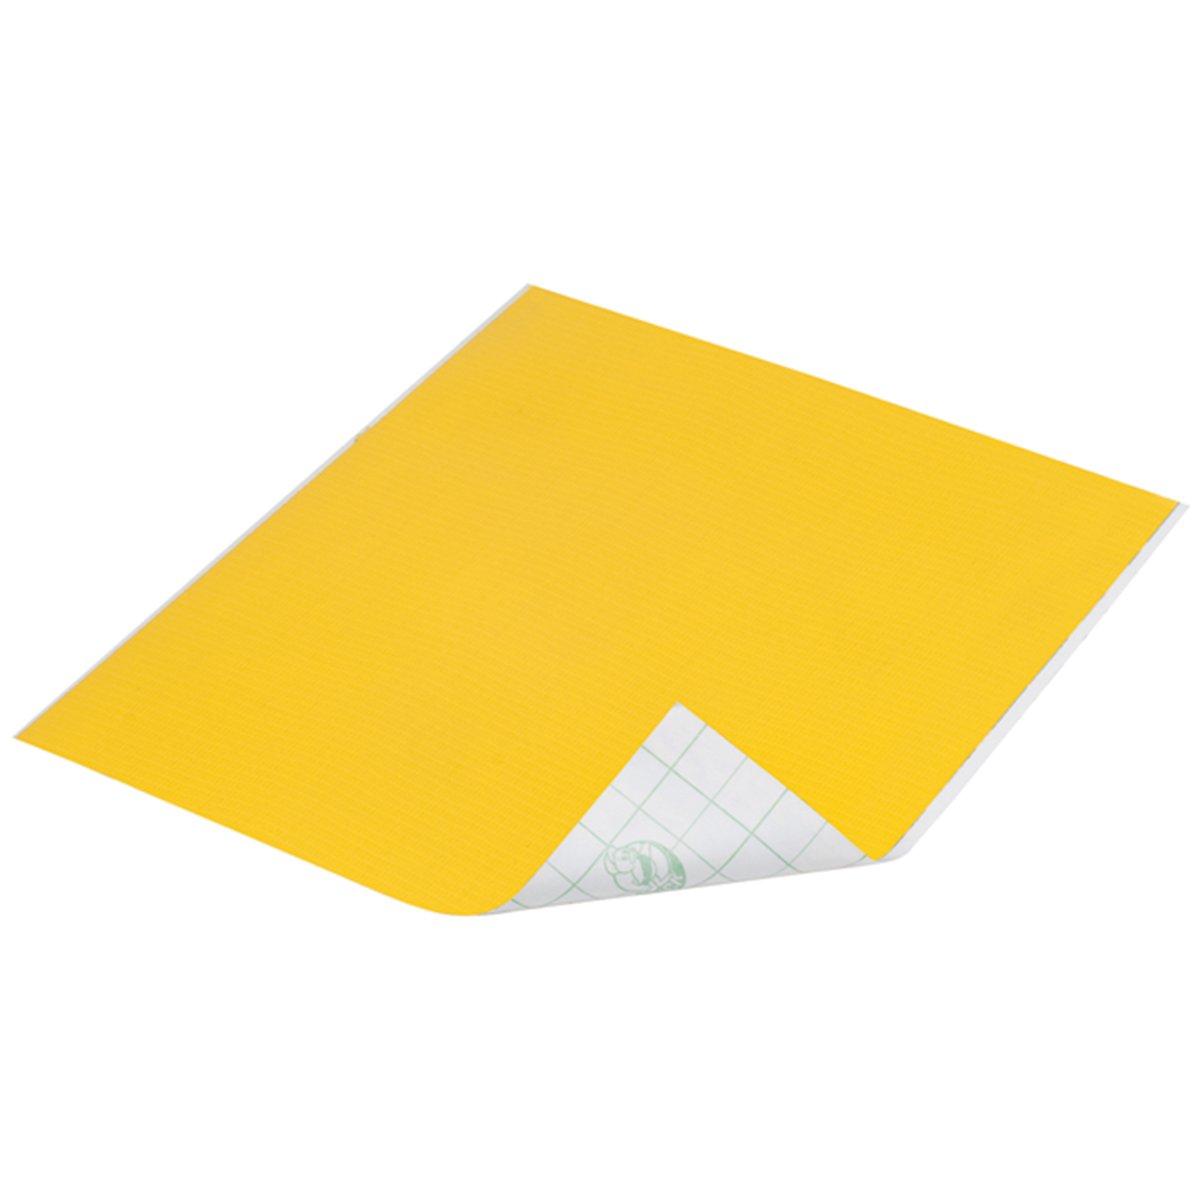 Duck Easy Craft Interlocking Tape, Yellow (282714)